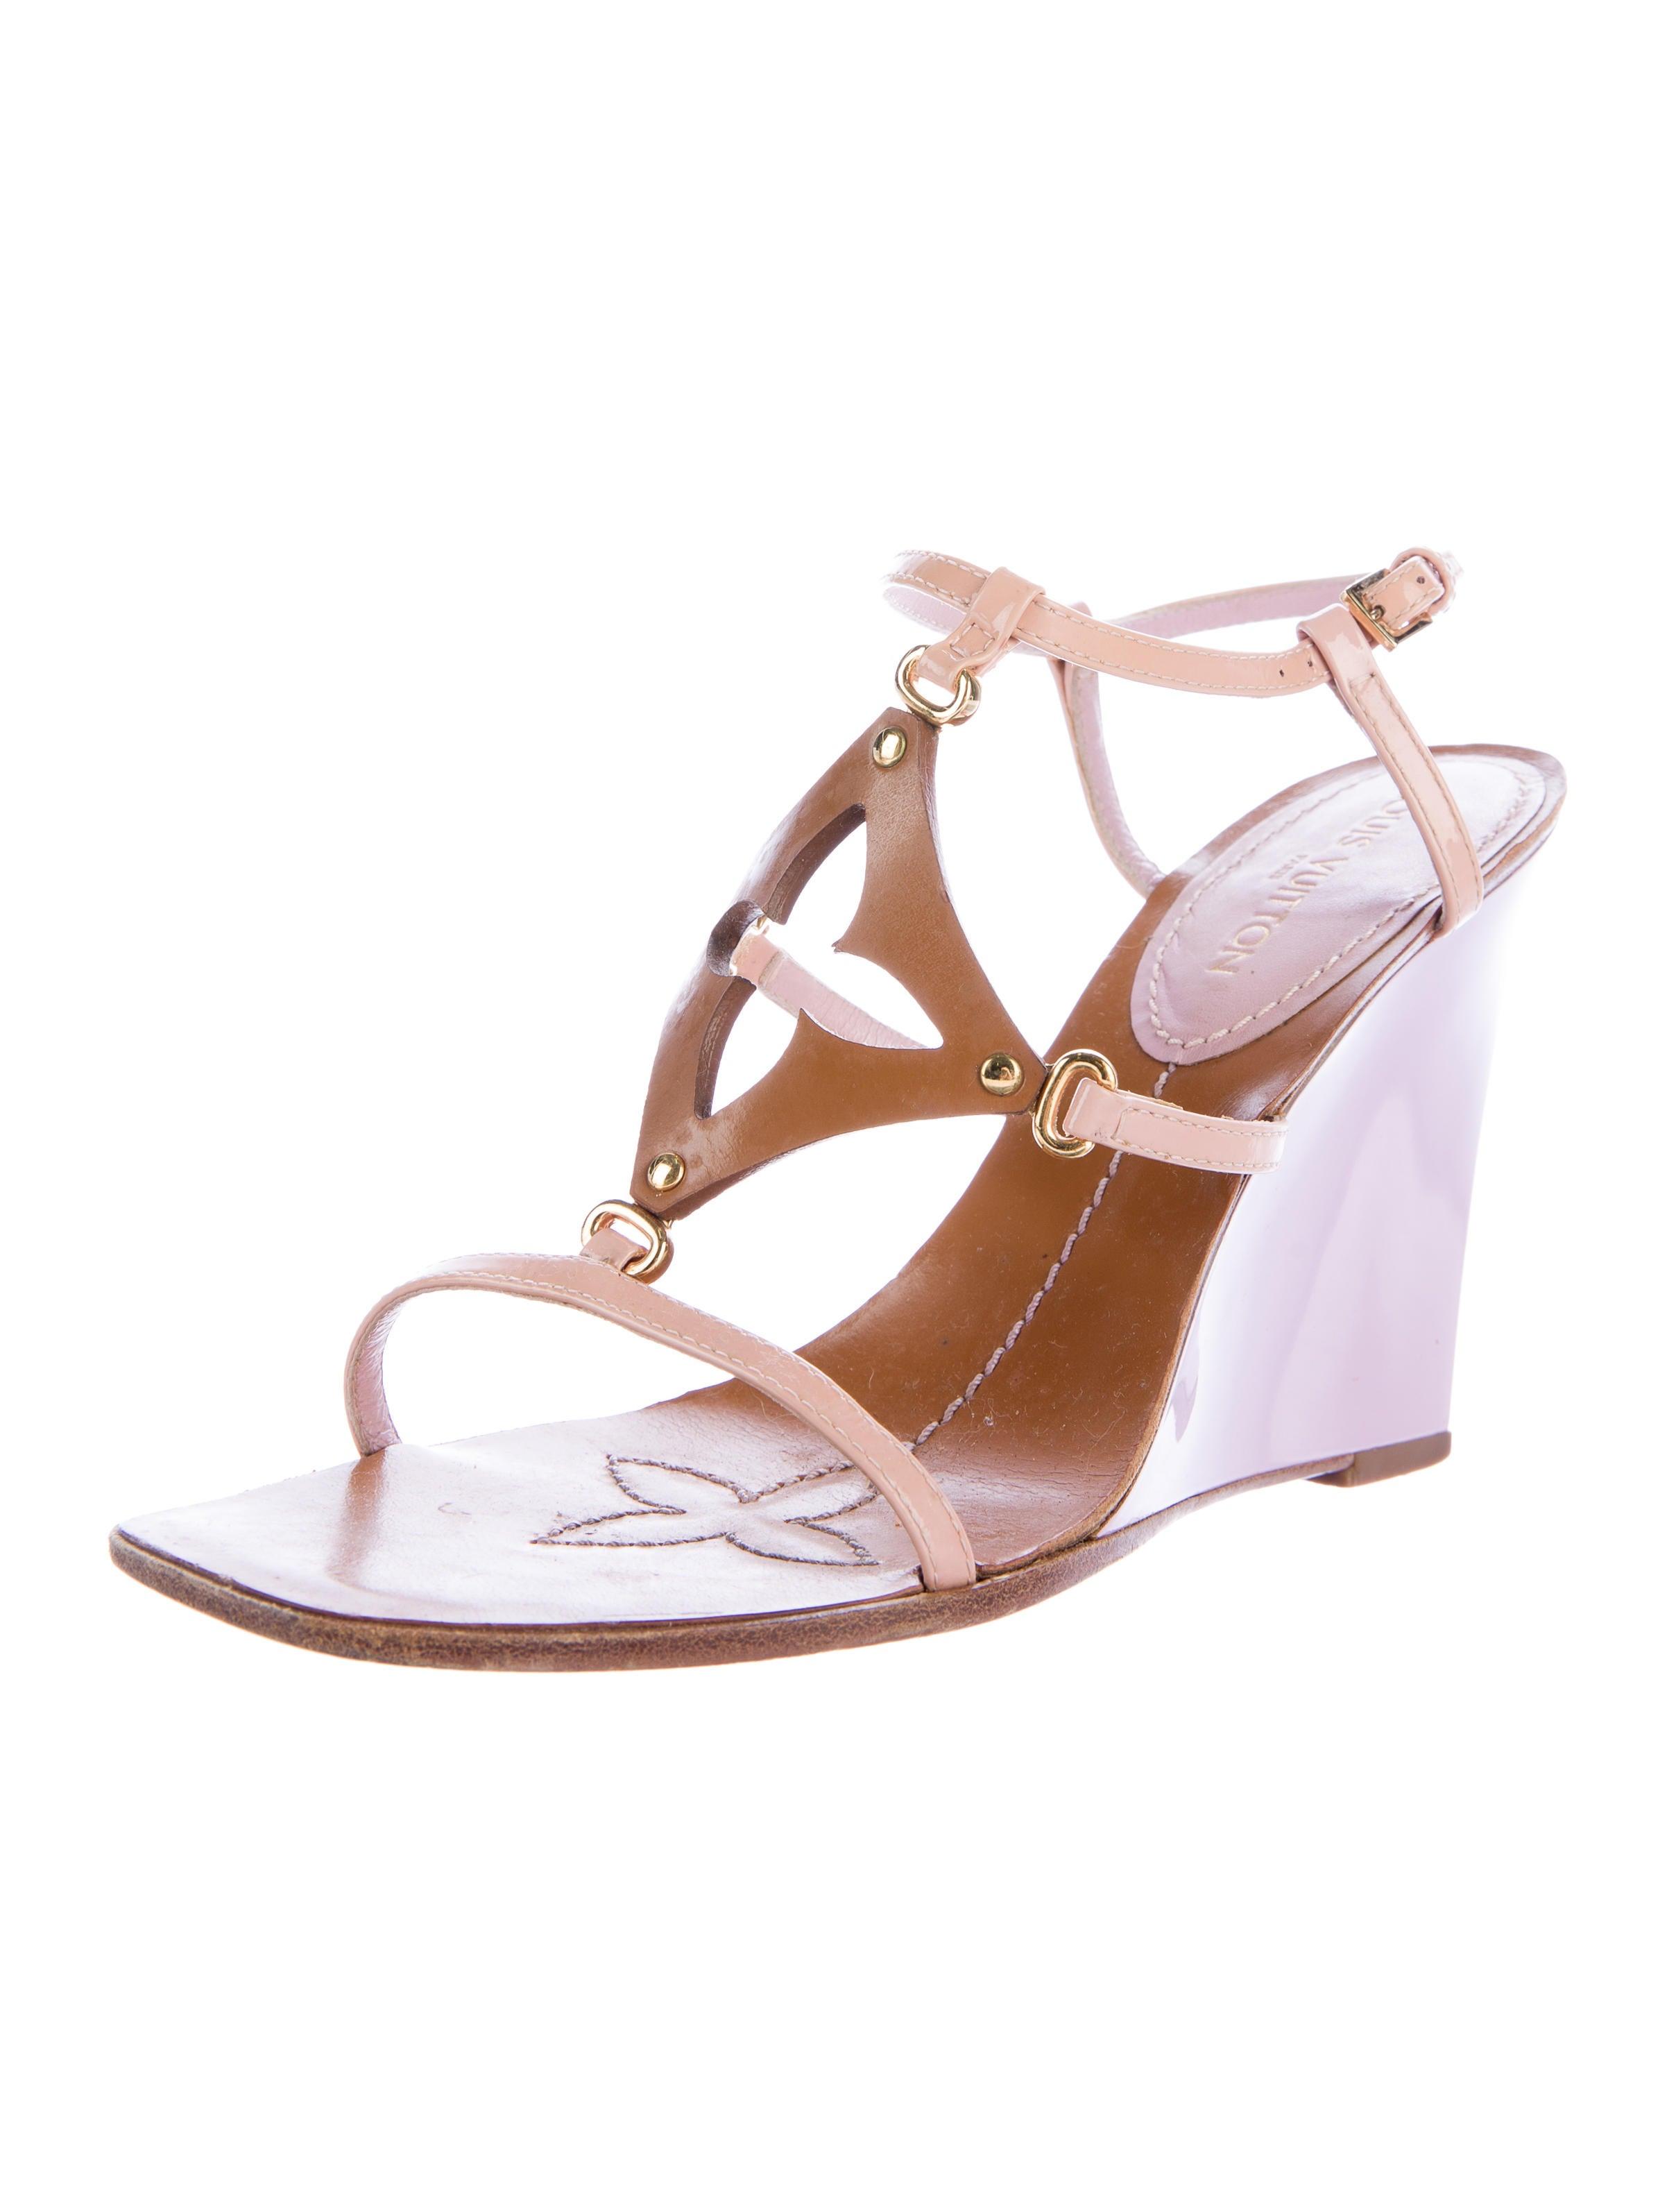 louis vuitton quatrefoil wedge sandals shoes lou108746